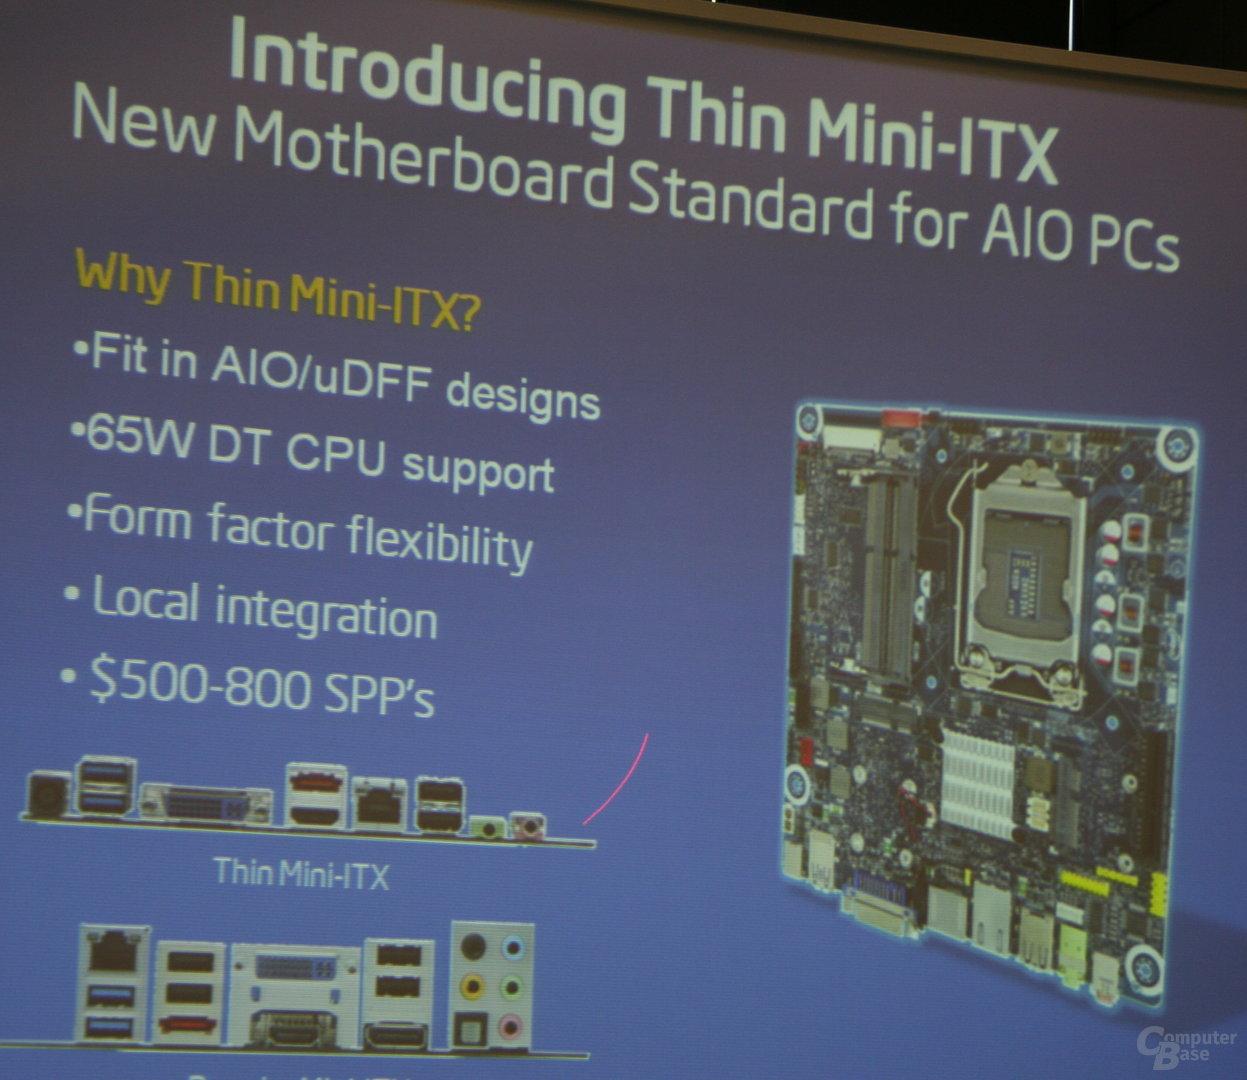 Thin Mini-ITX